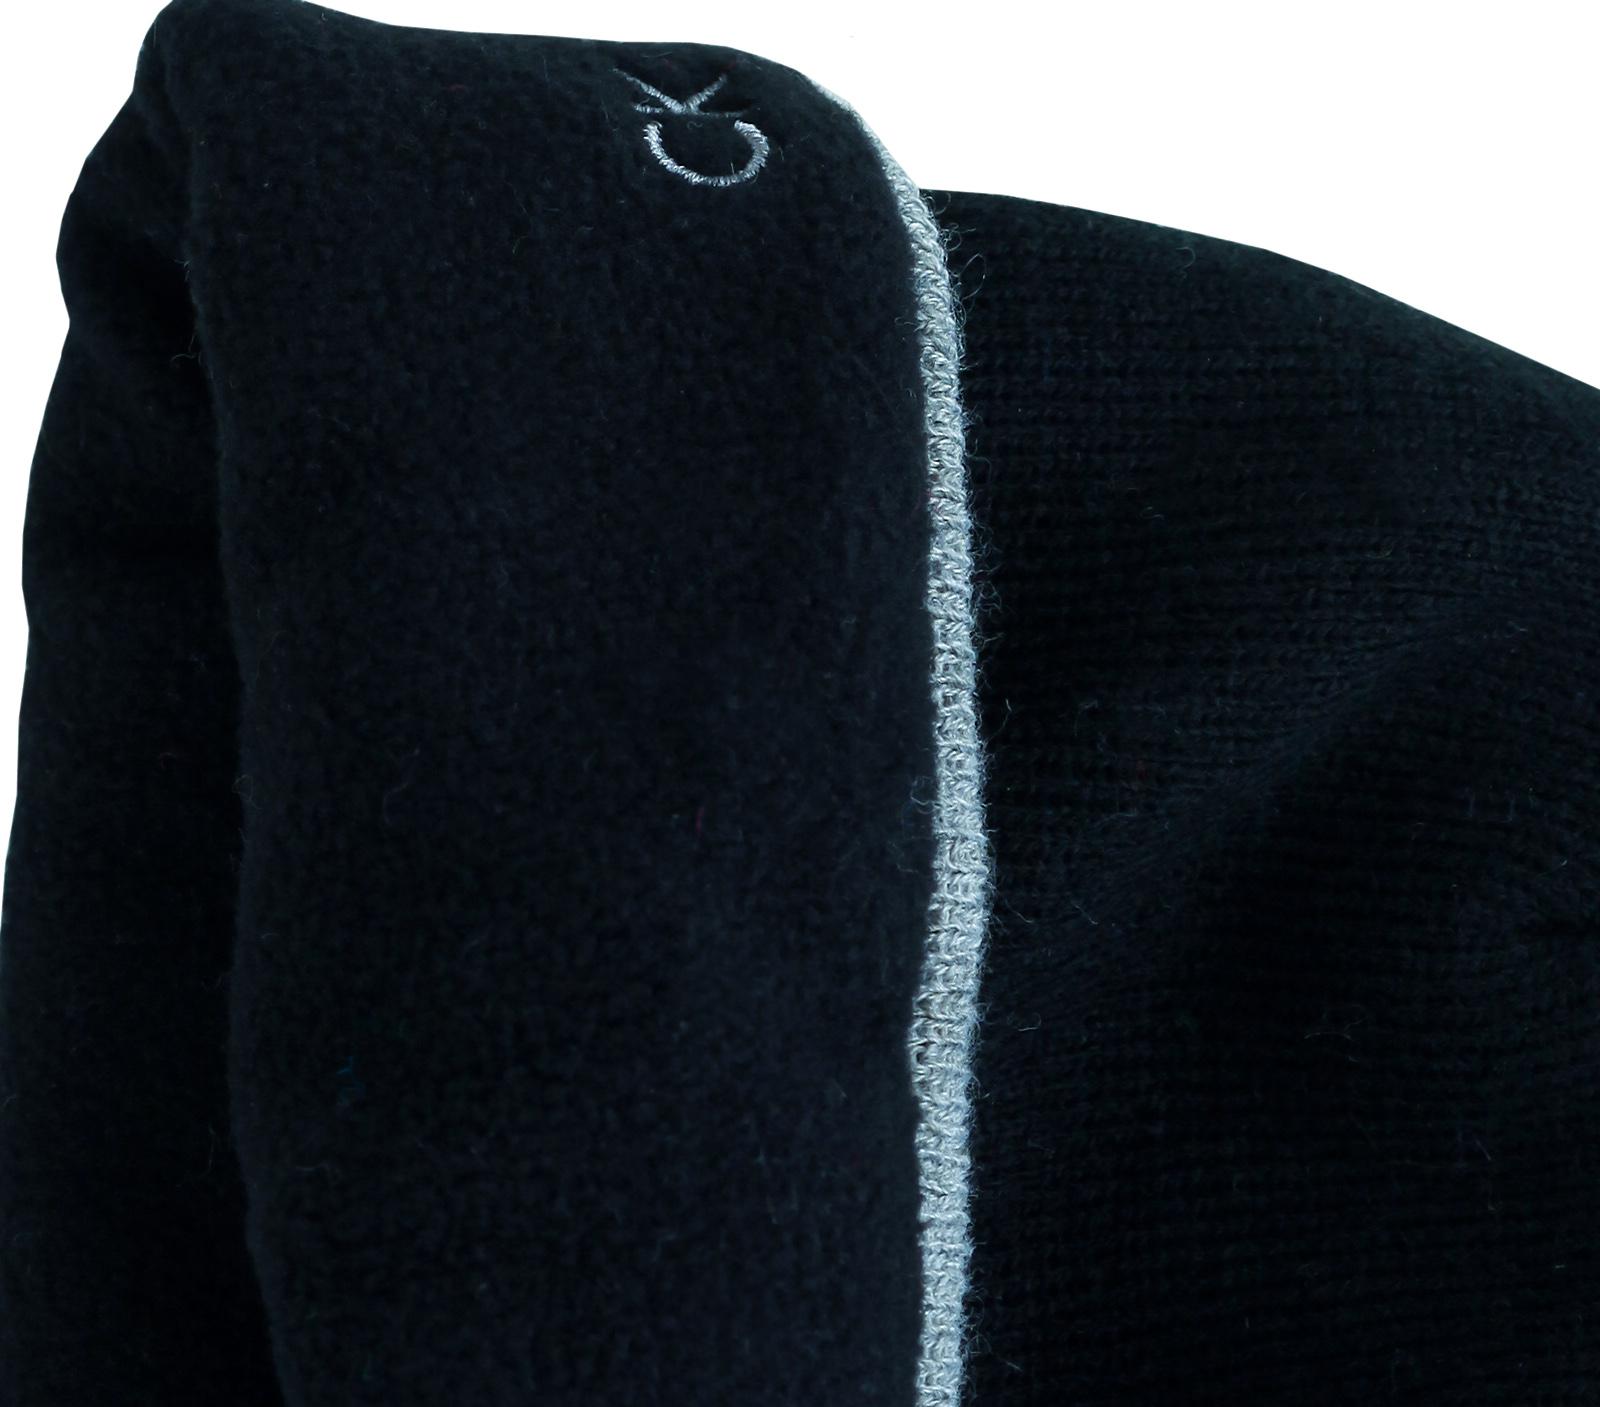 Купить универсальную мужскую шапку СК почитателям спорта на природе с флисом по низкой цене